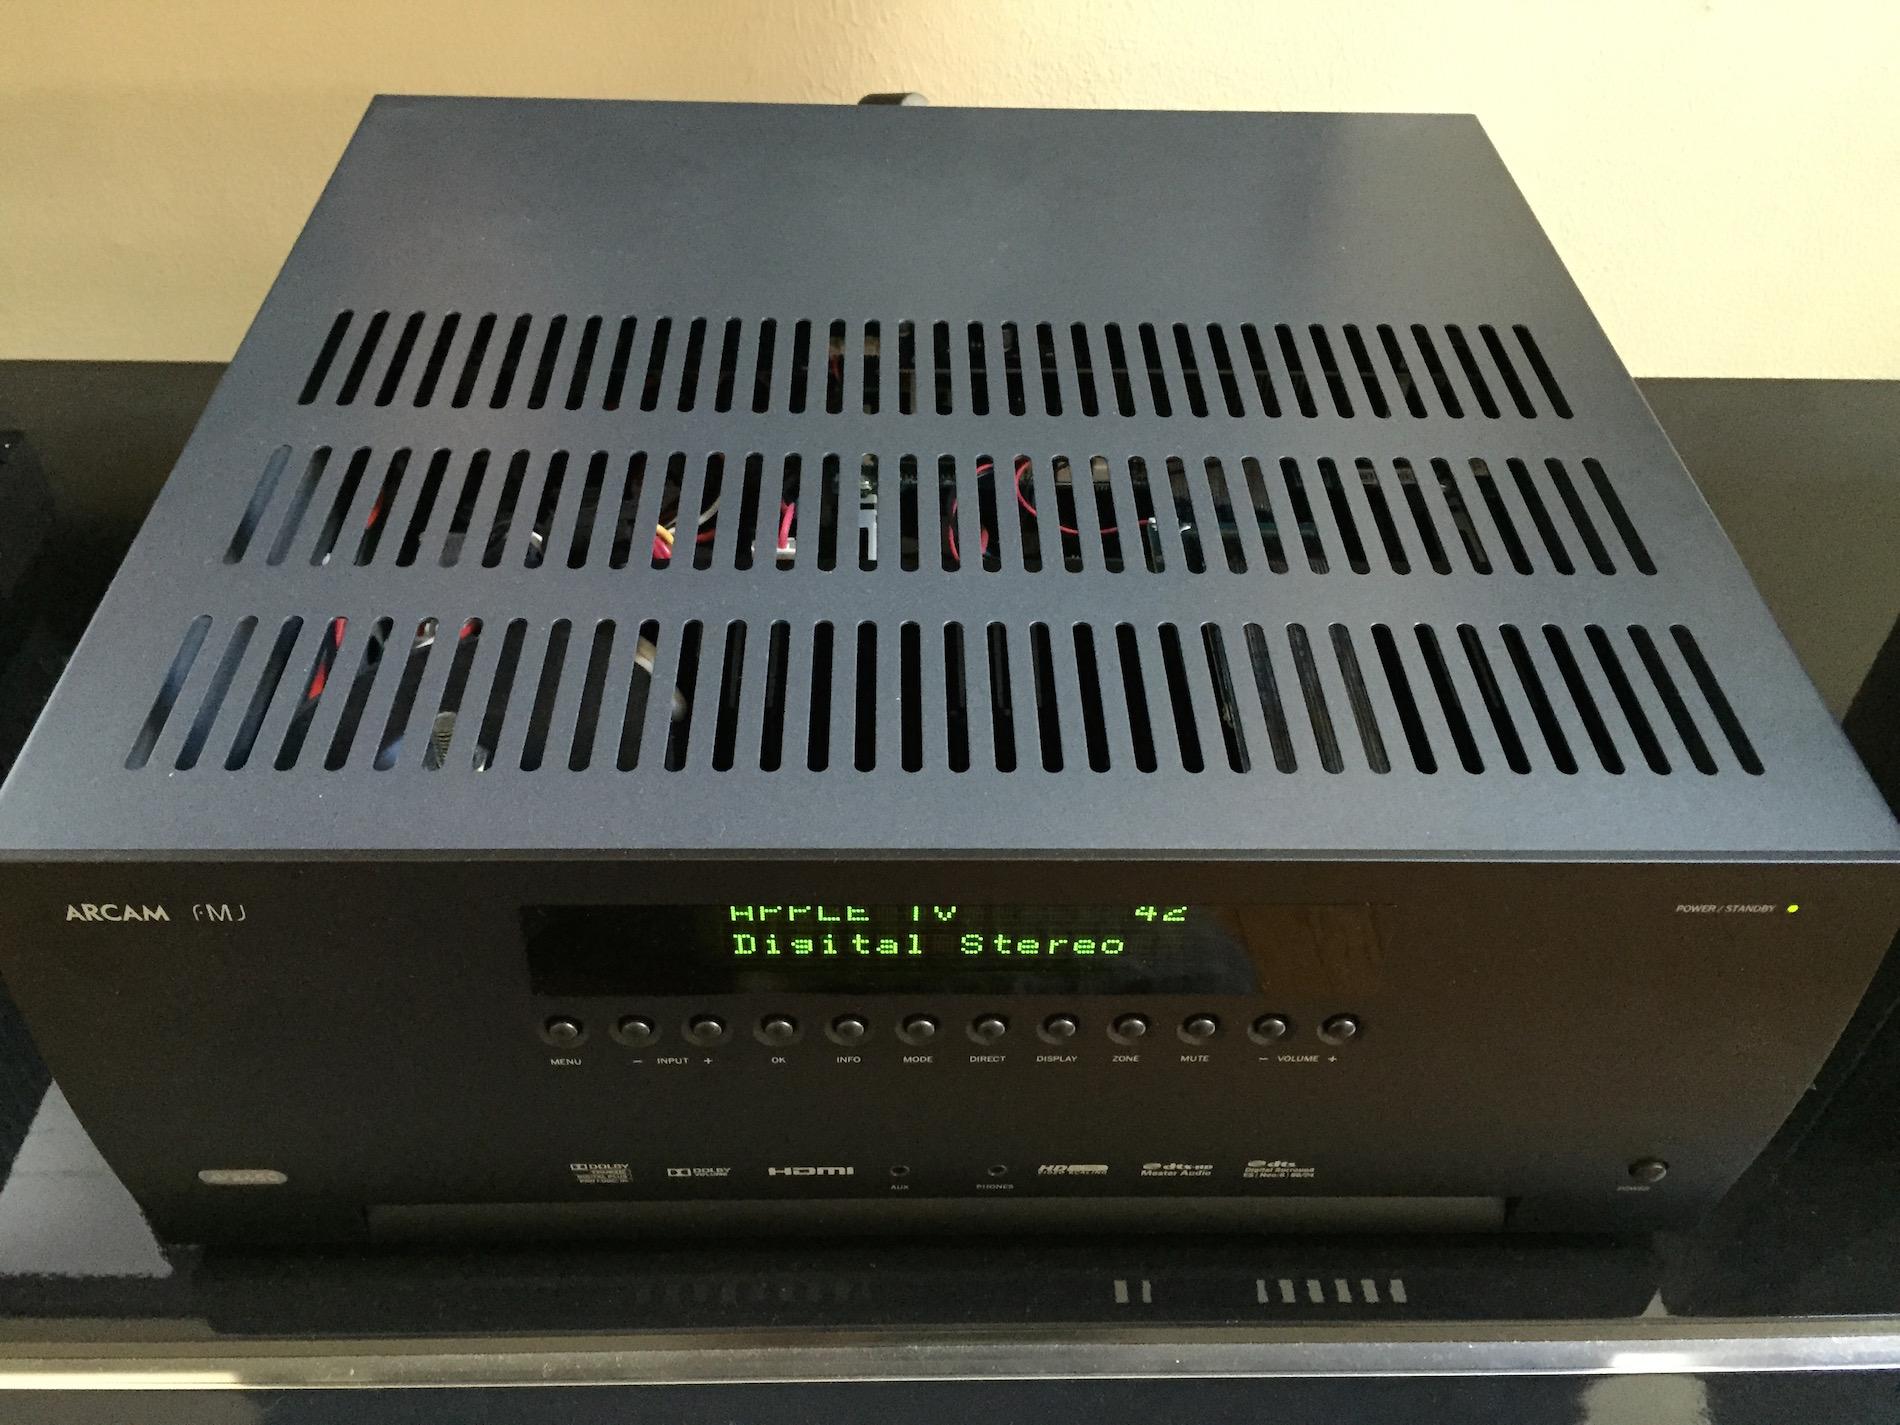 Arcam AVR 450 - 7 1 Surround Receiver - make an offer